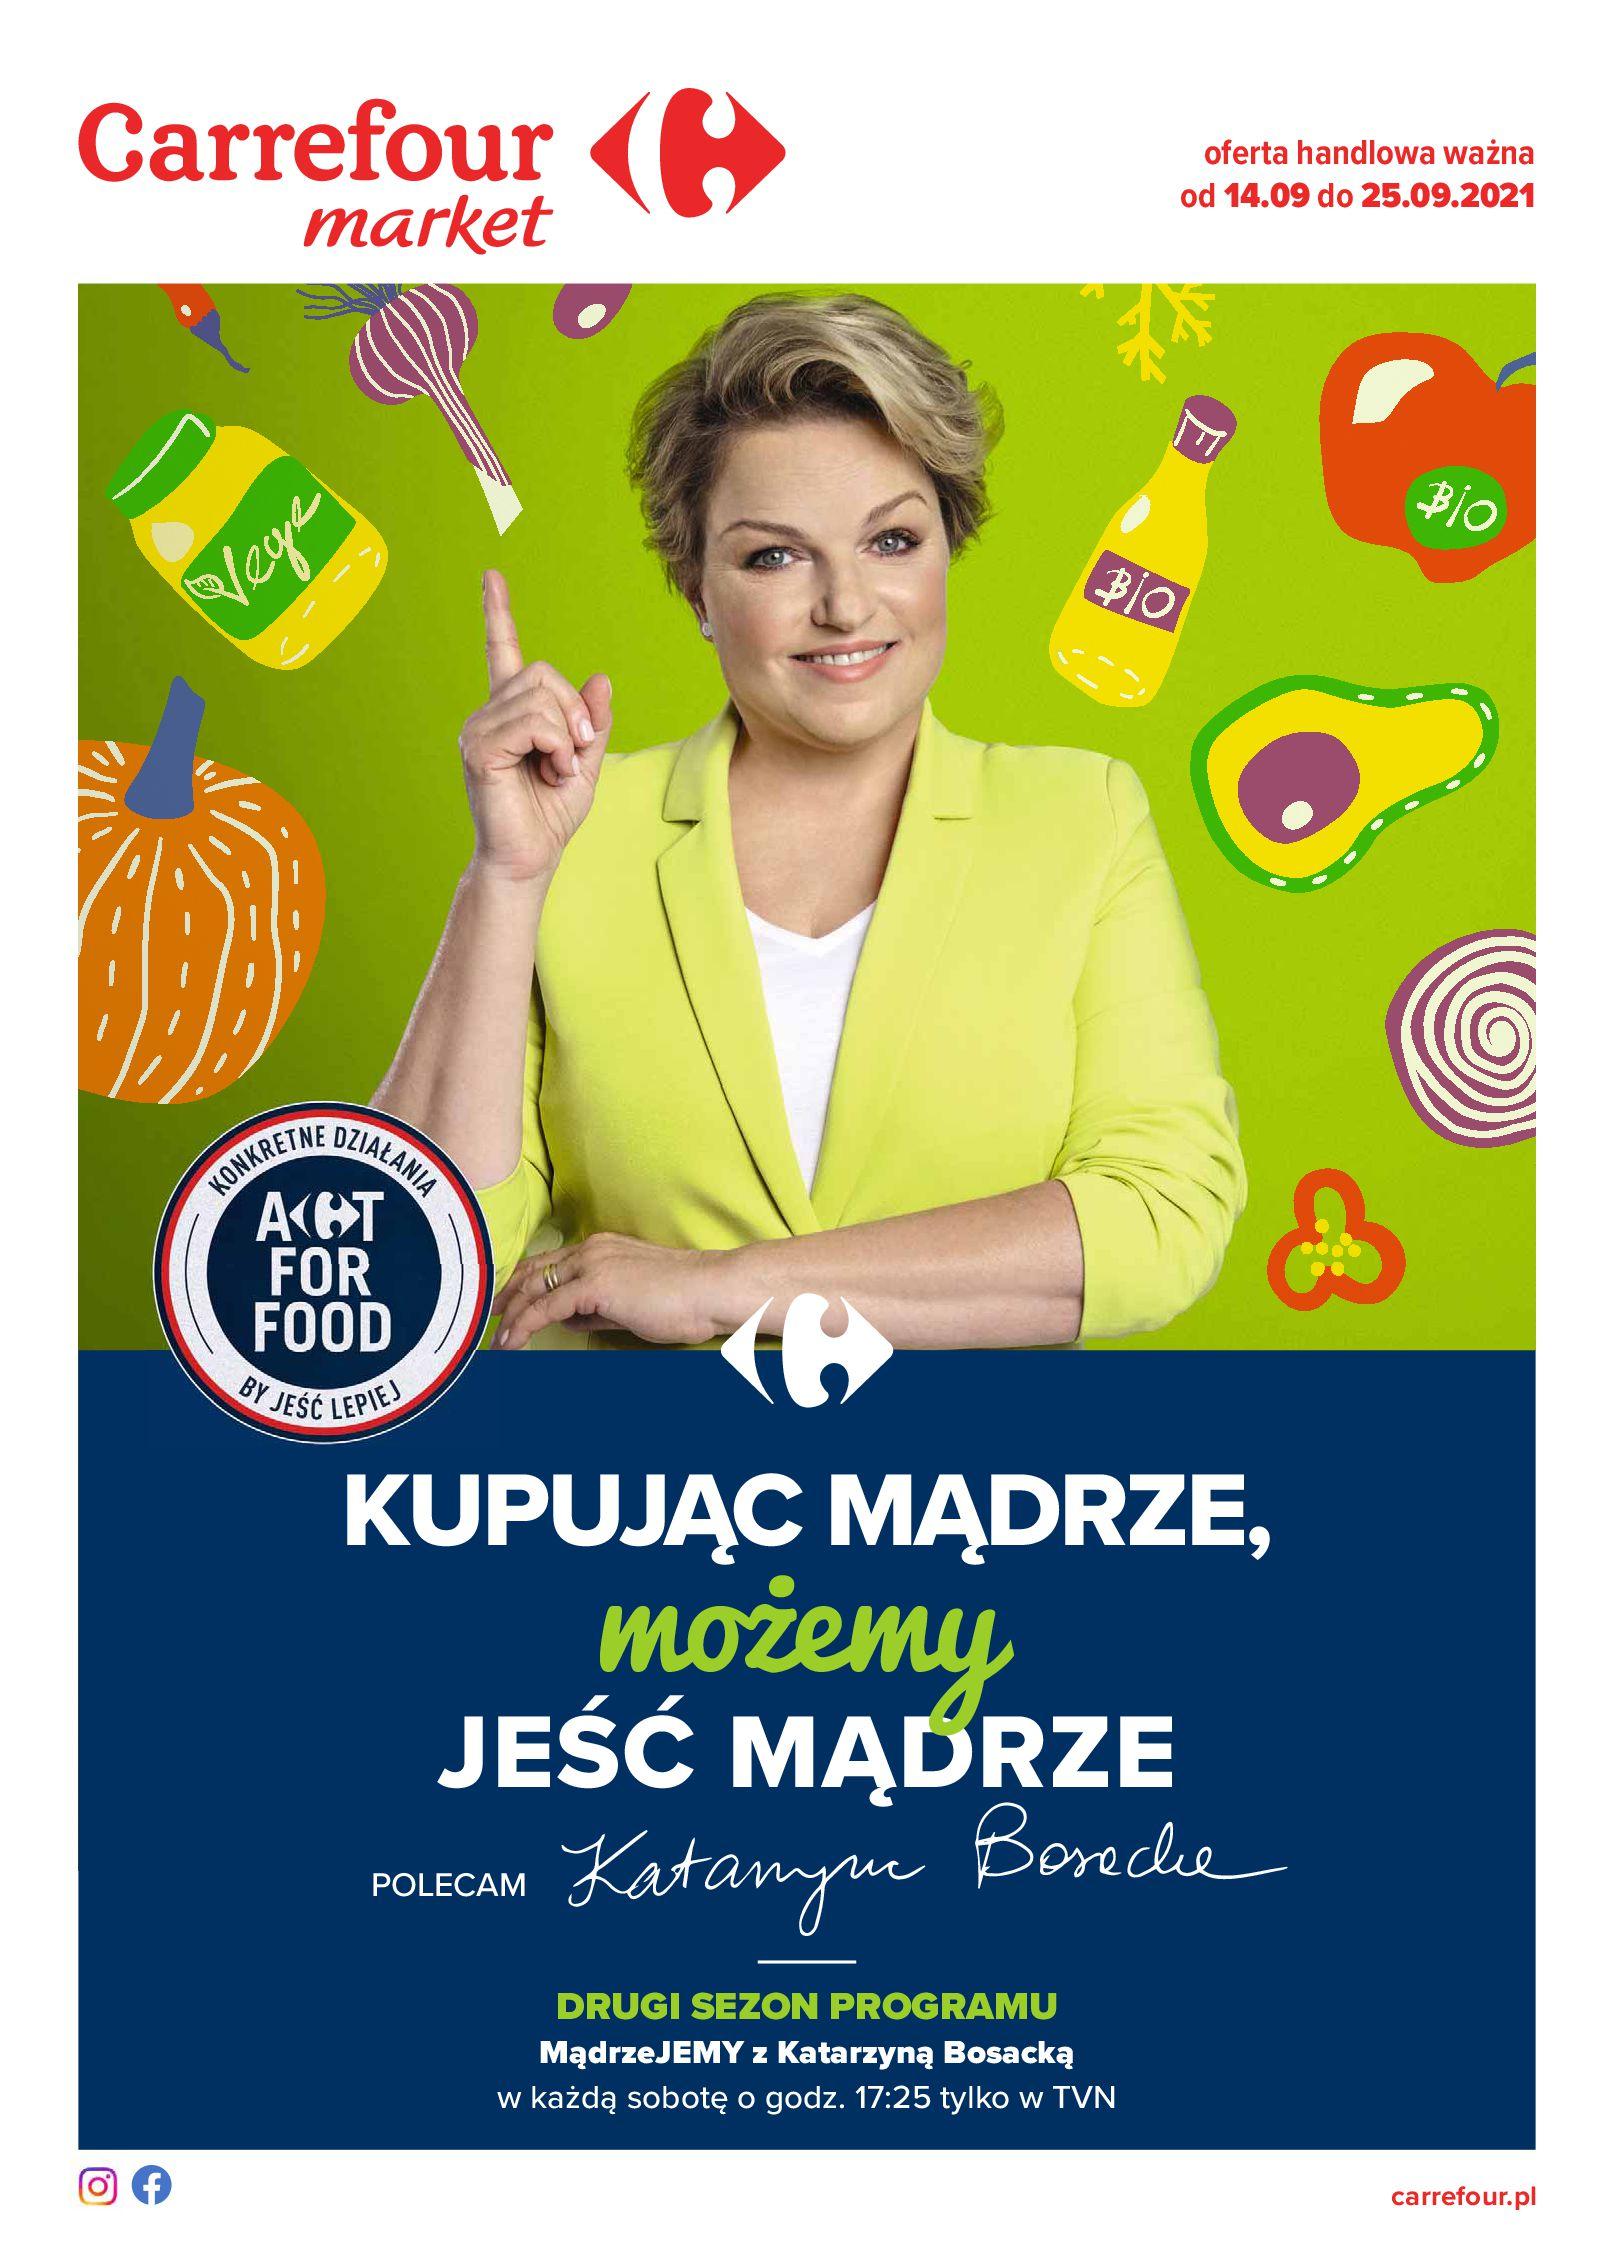 Gazetka Carrefour Market: Gazetka Market - Możemy mądrze jeść 2021-09-14 page-1